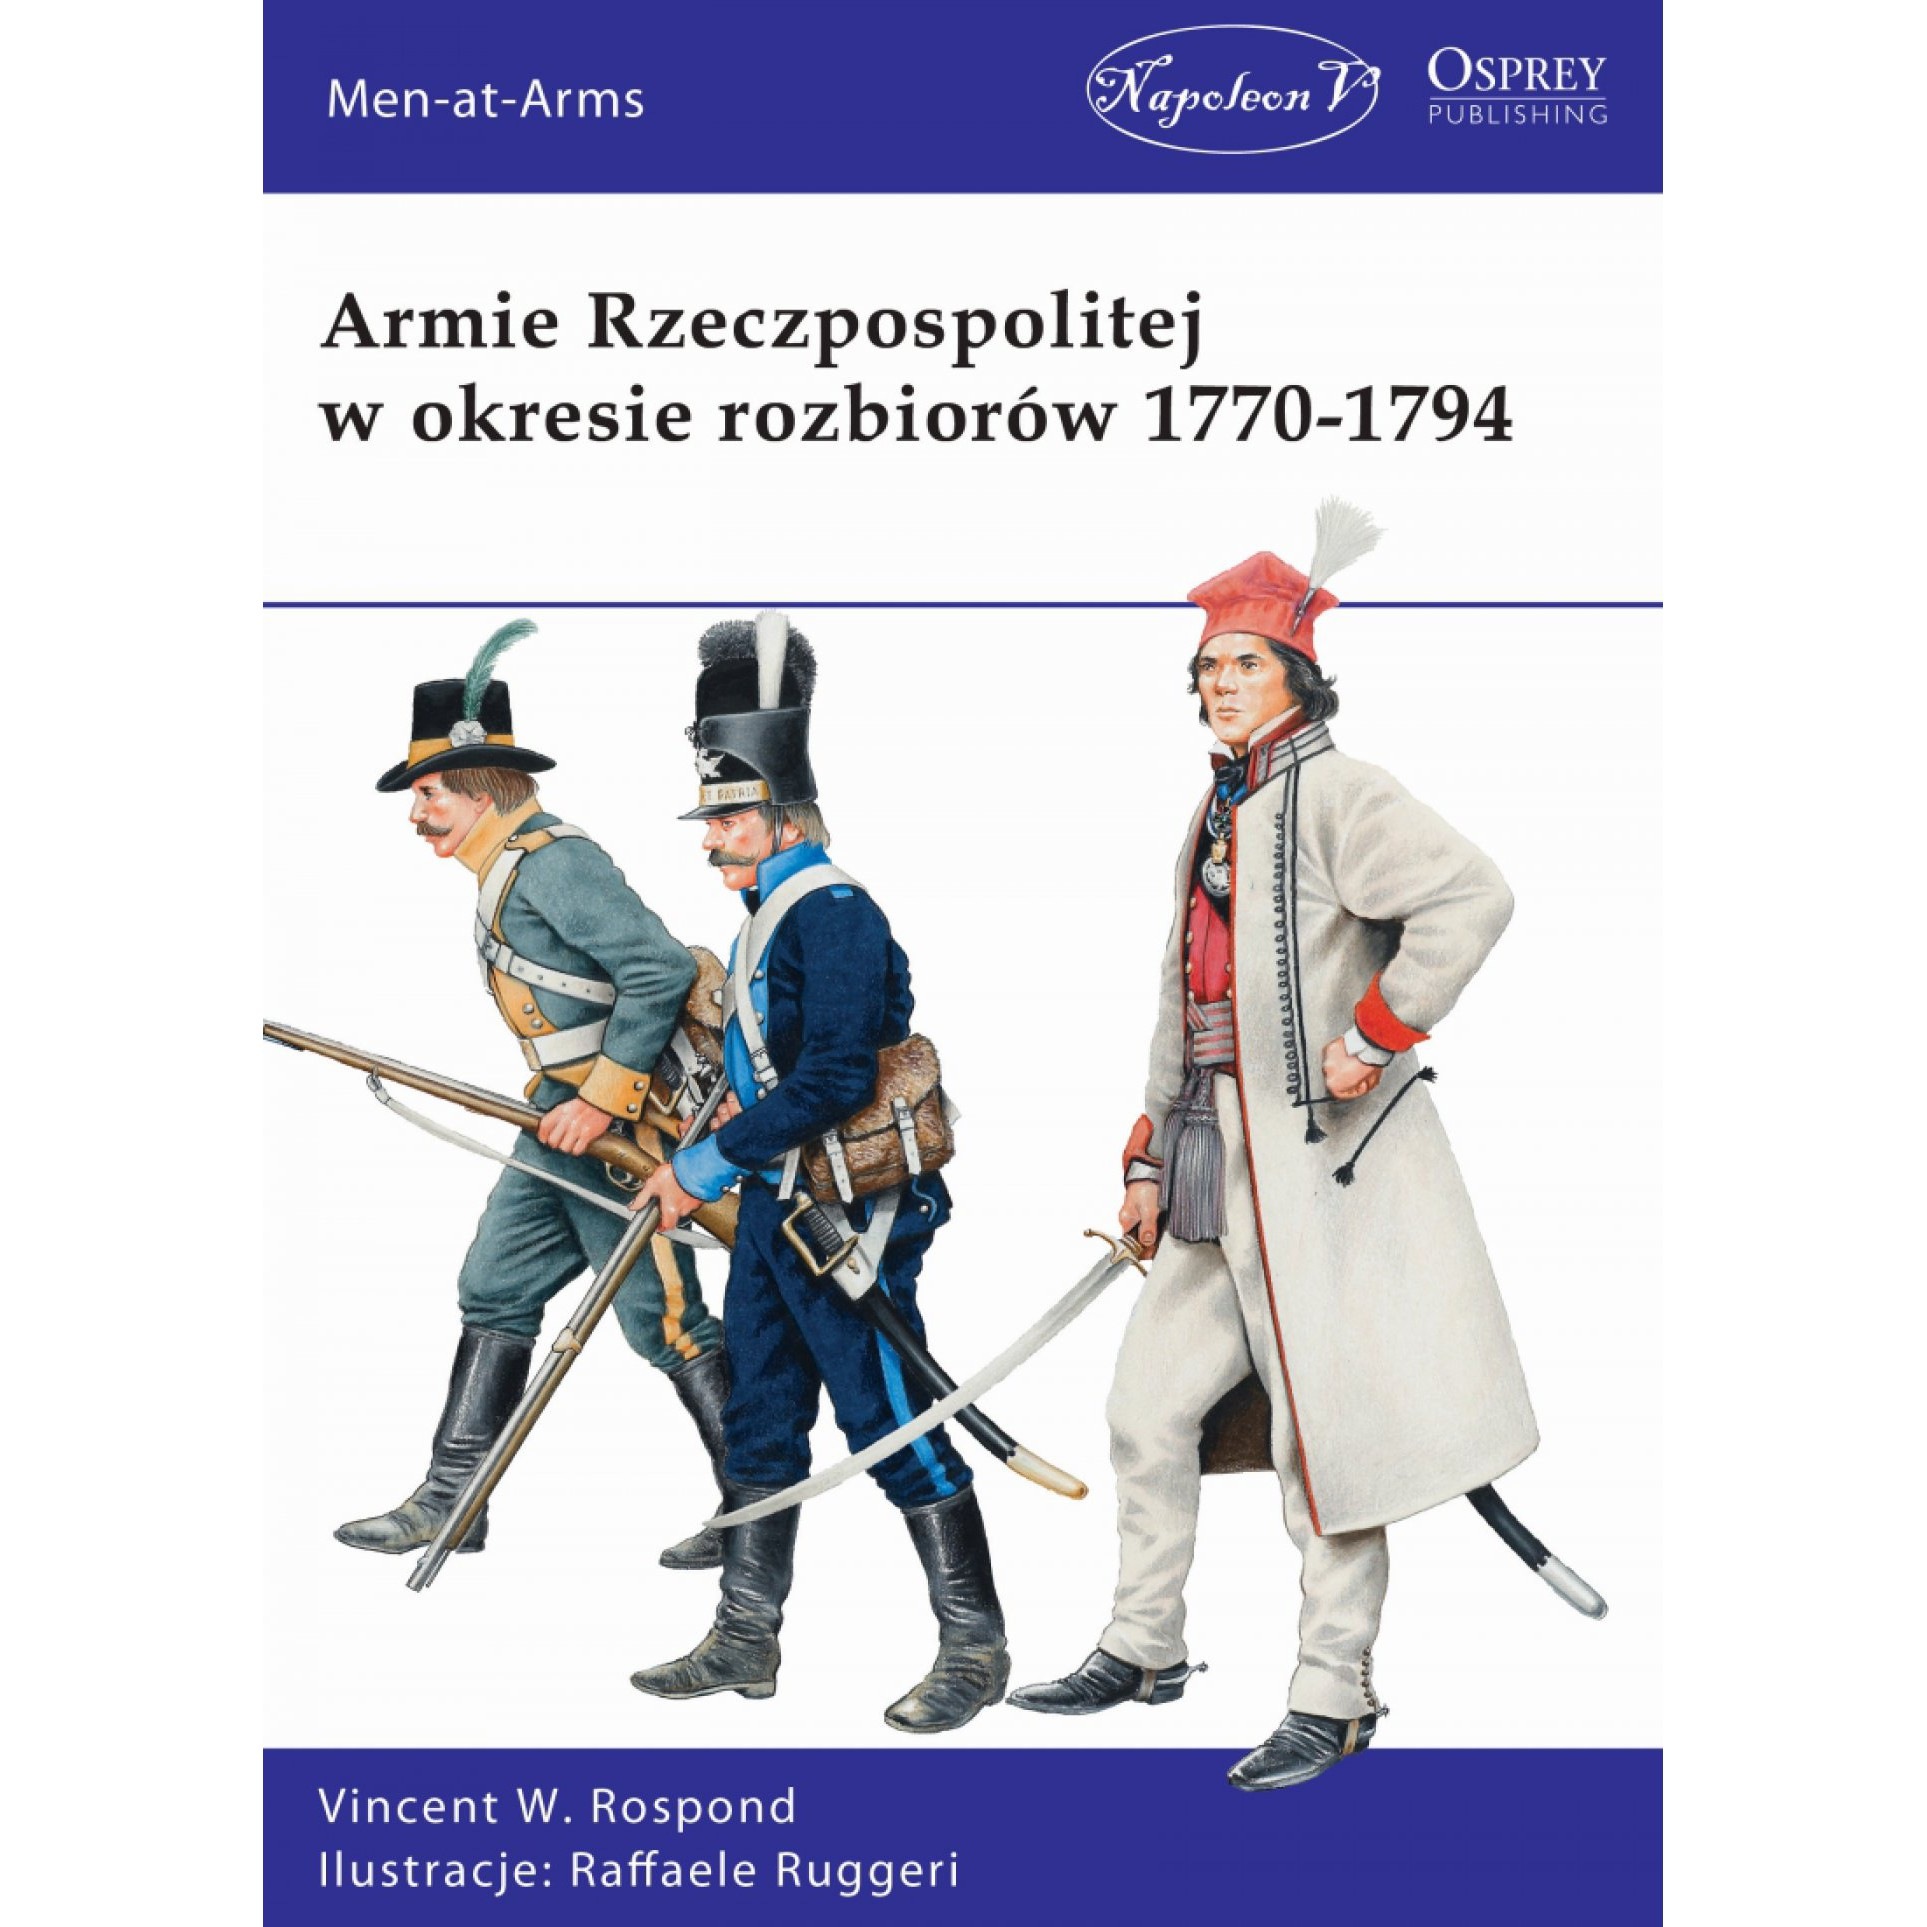 Armie Rzeczpospolitej w okresie rozbiorów 1770-1794